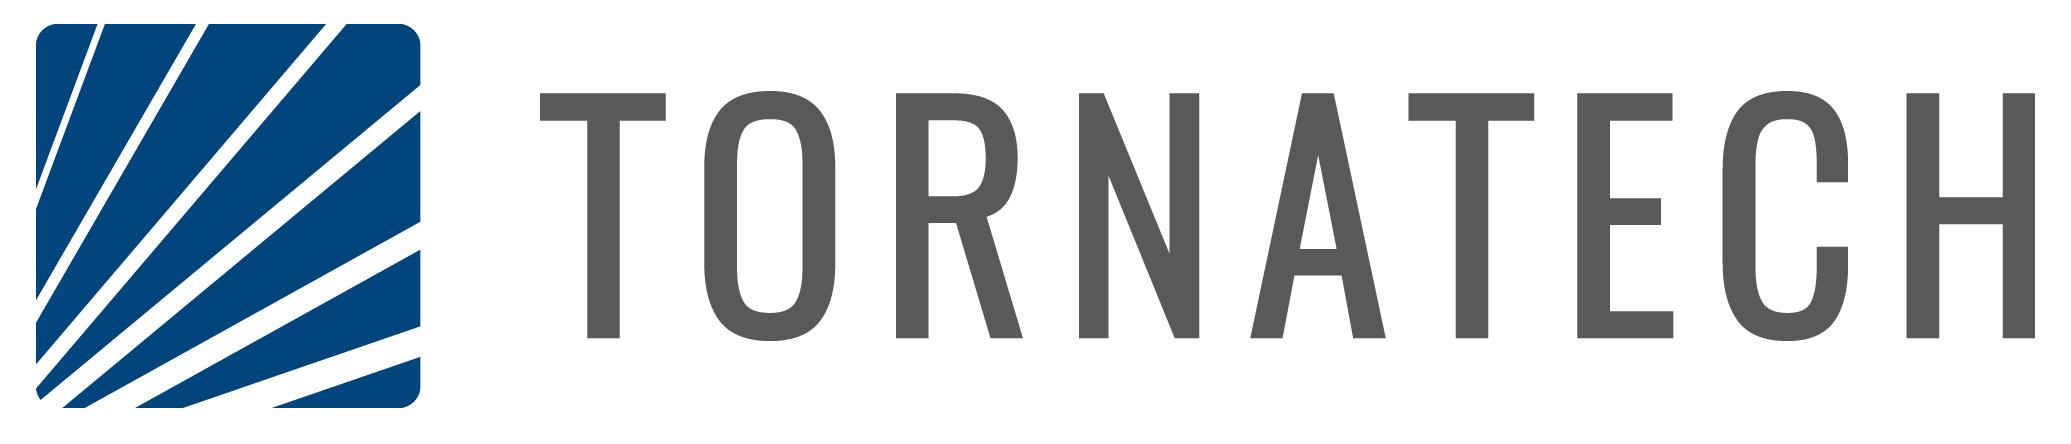 Logo_final_cs5